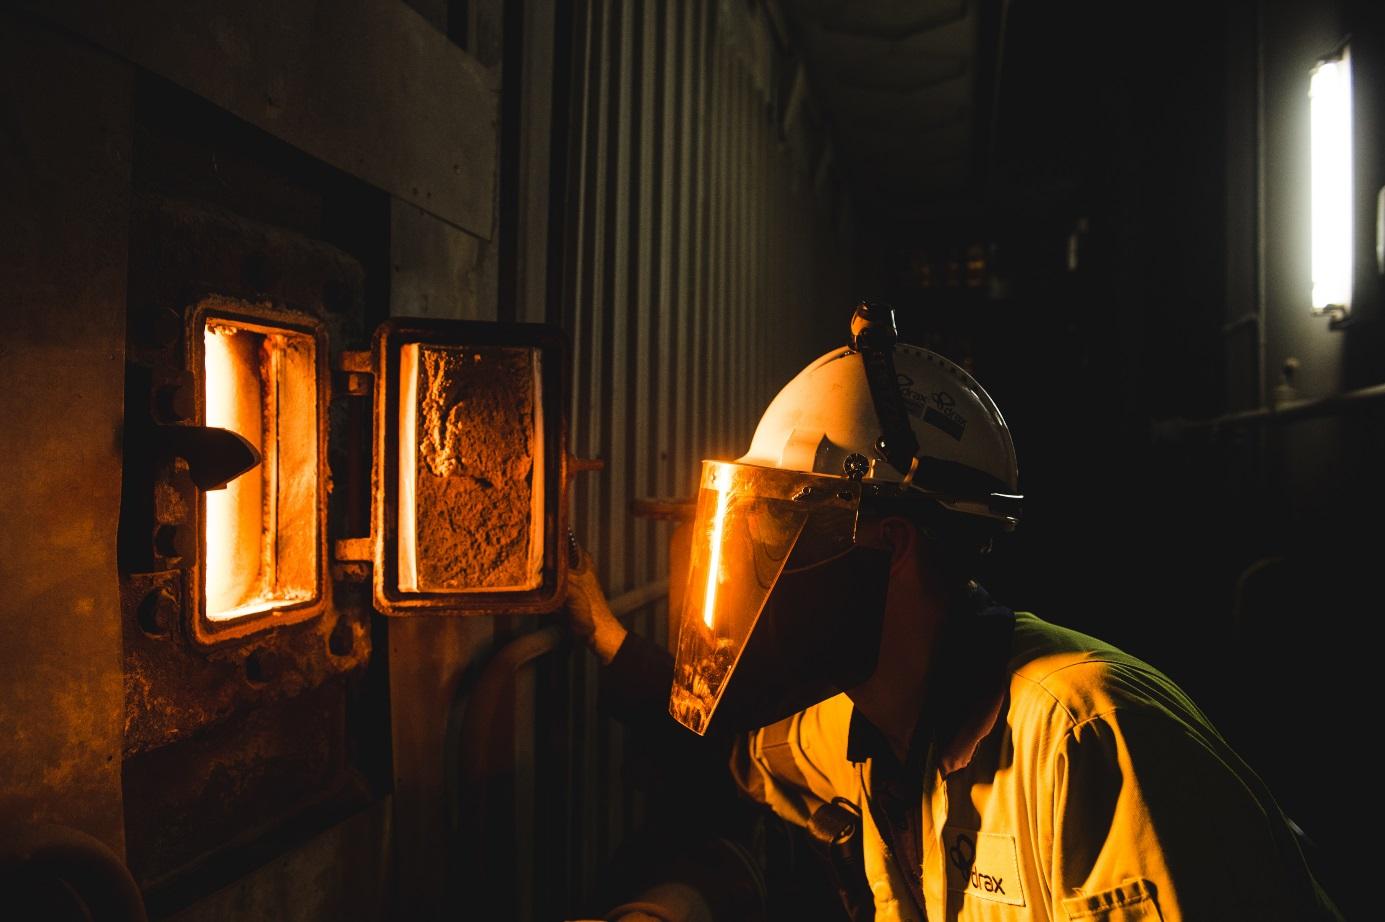 Spalování biomasy v elektrárně Drax (zdroj Drax).